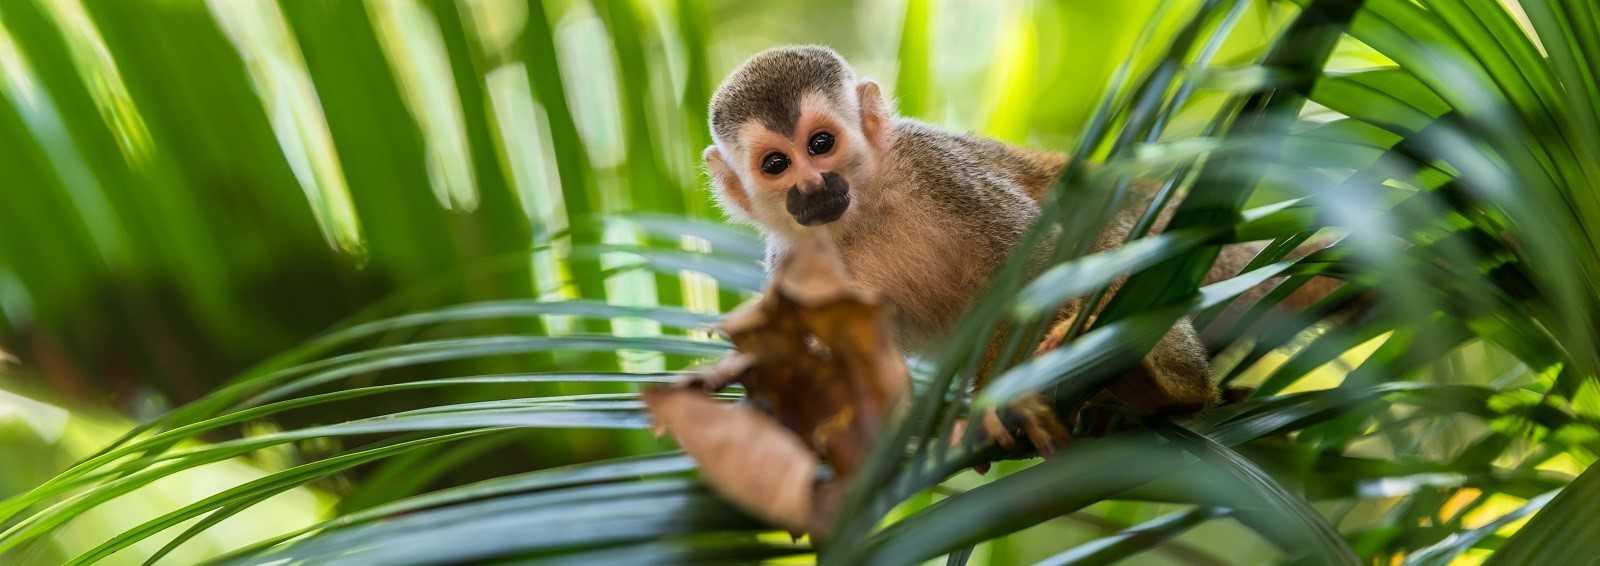 Squirrel Monkey in the Amazon Rainforest